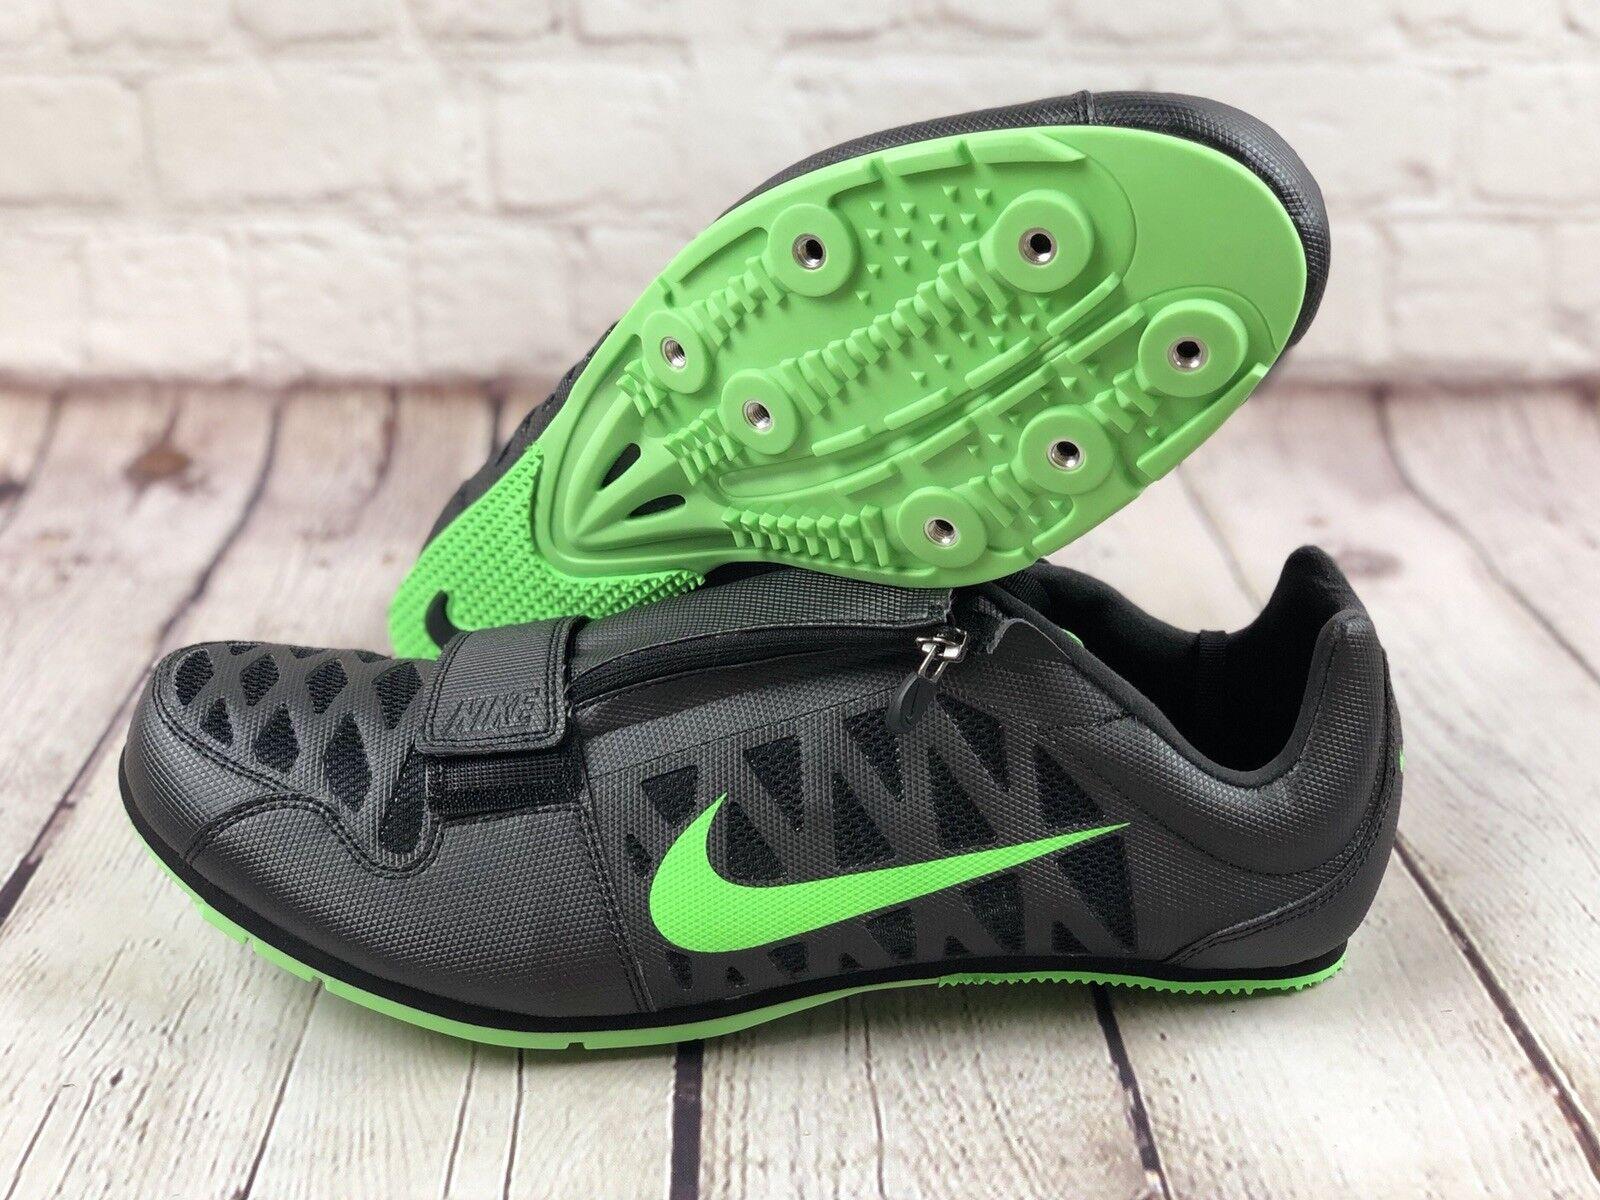 nike zoom zoom zoom lj salto in lungo pista mens scarpe 415339-035 numero 13 | Diversi stili e stili  | Esecuzione squisita  | Uomini/Donne Scarpa  | Gentiluomo/Signora Scarpa  | Scolaro/Signora Scarpa  8dcf3d